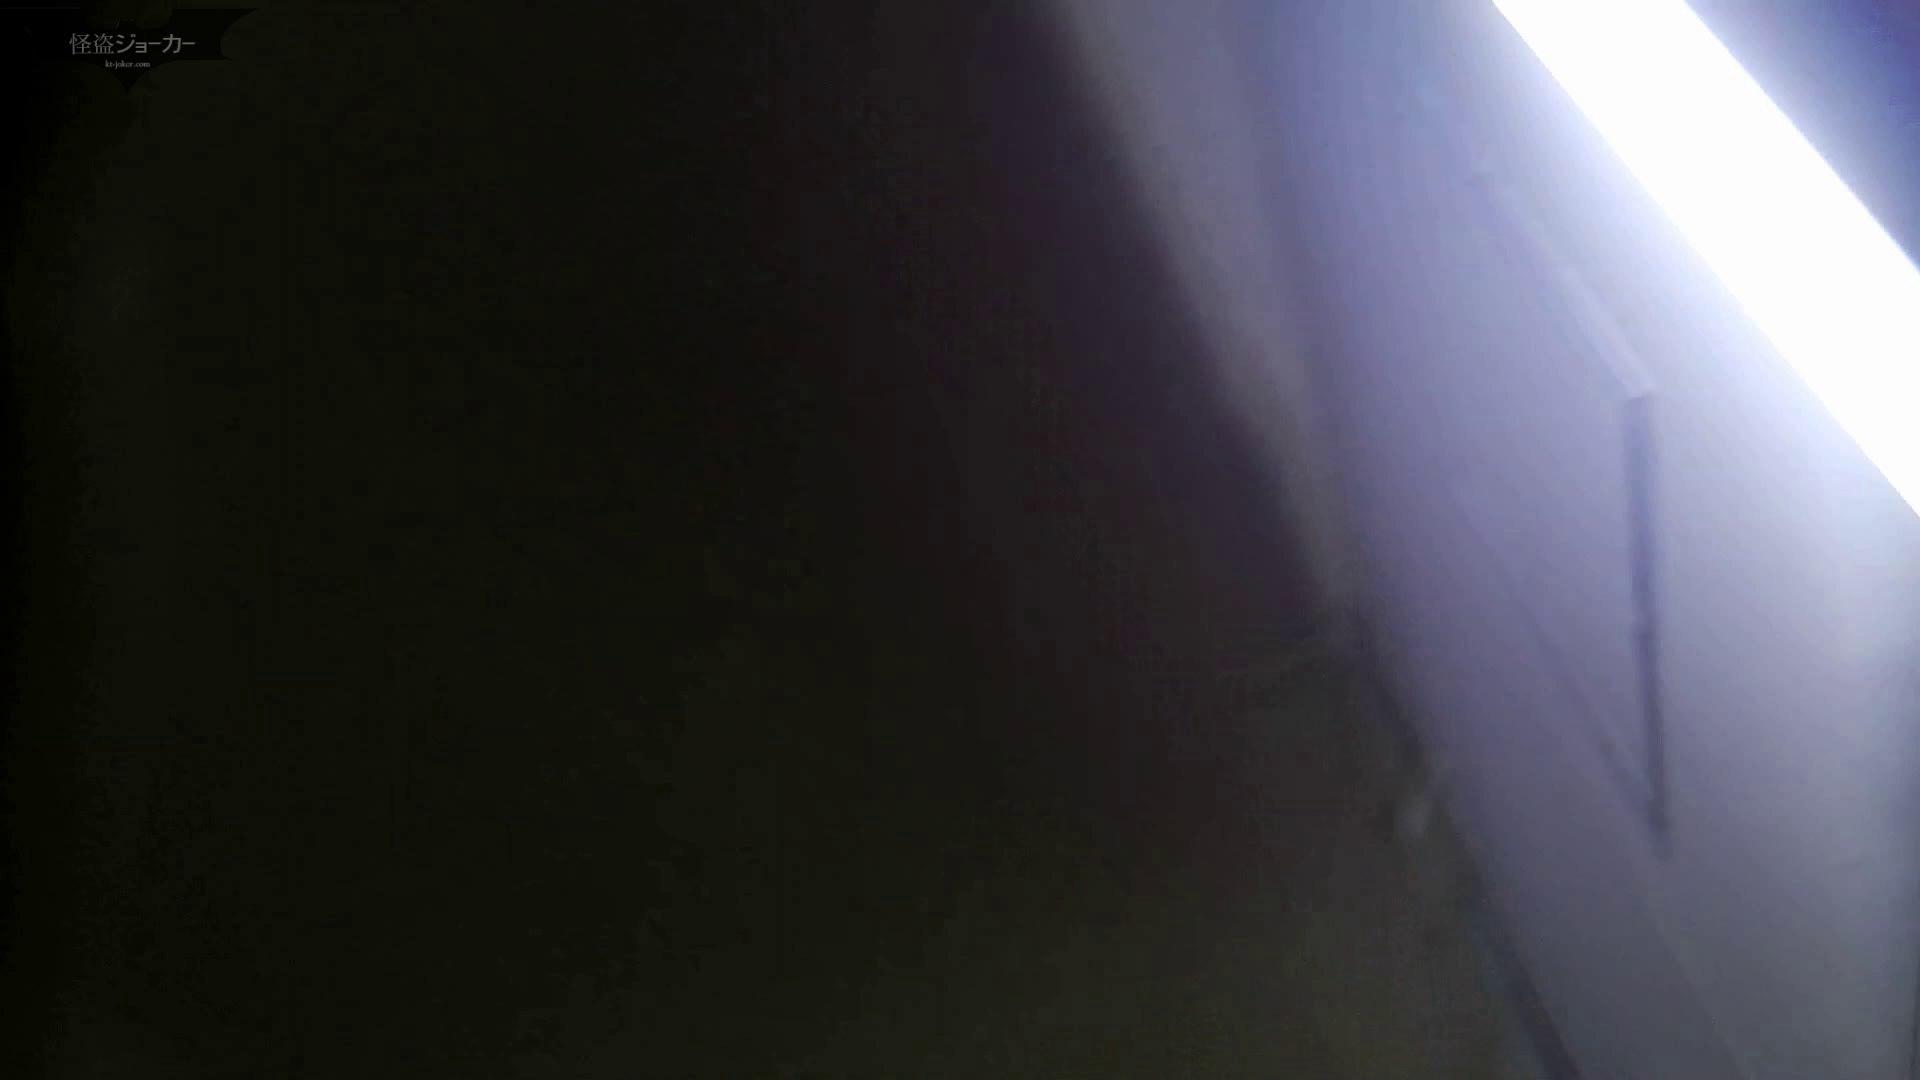 洗面所特攻隊 vol.56 白濁まみれのごっつい一本!!技あり 高画質 オメコ動画キャプチャ 110枚 54